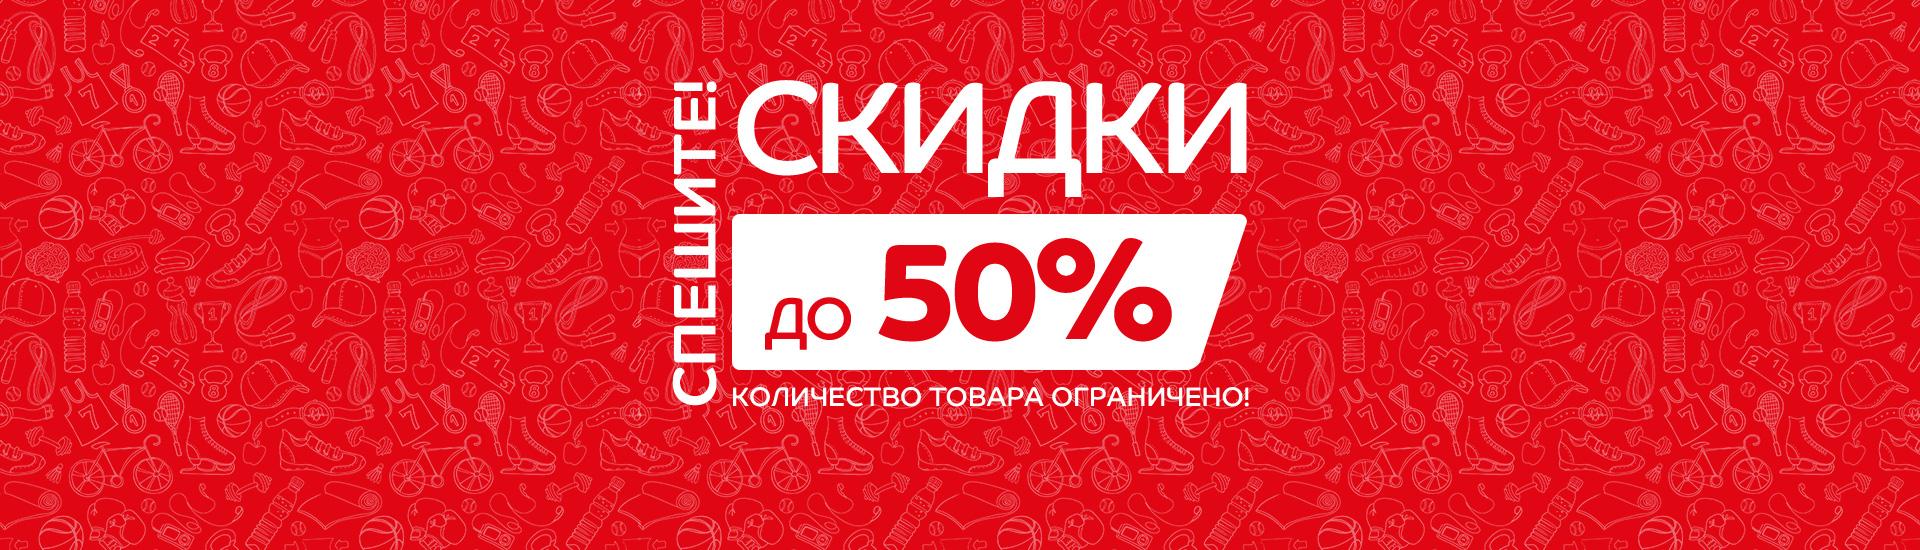 Спортмастер  на распродажу! 2000 товаров со скидками 50% кэшбэком 10%.